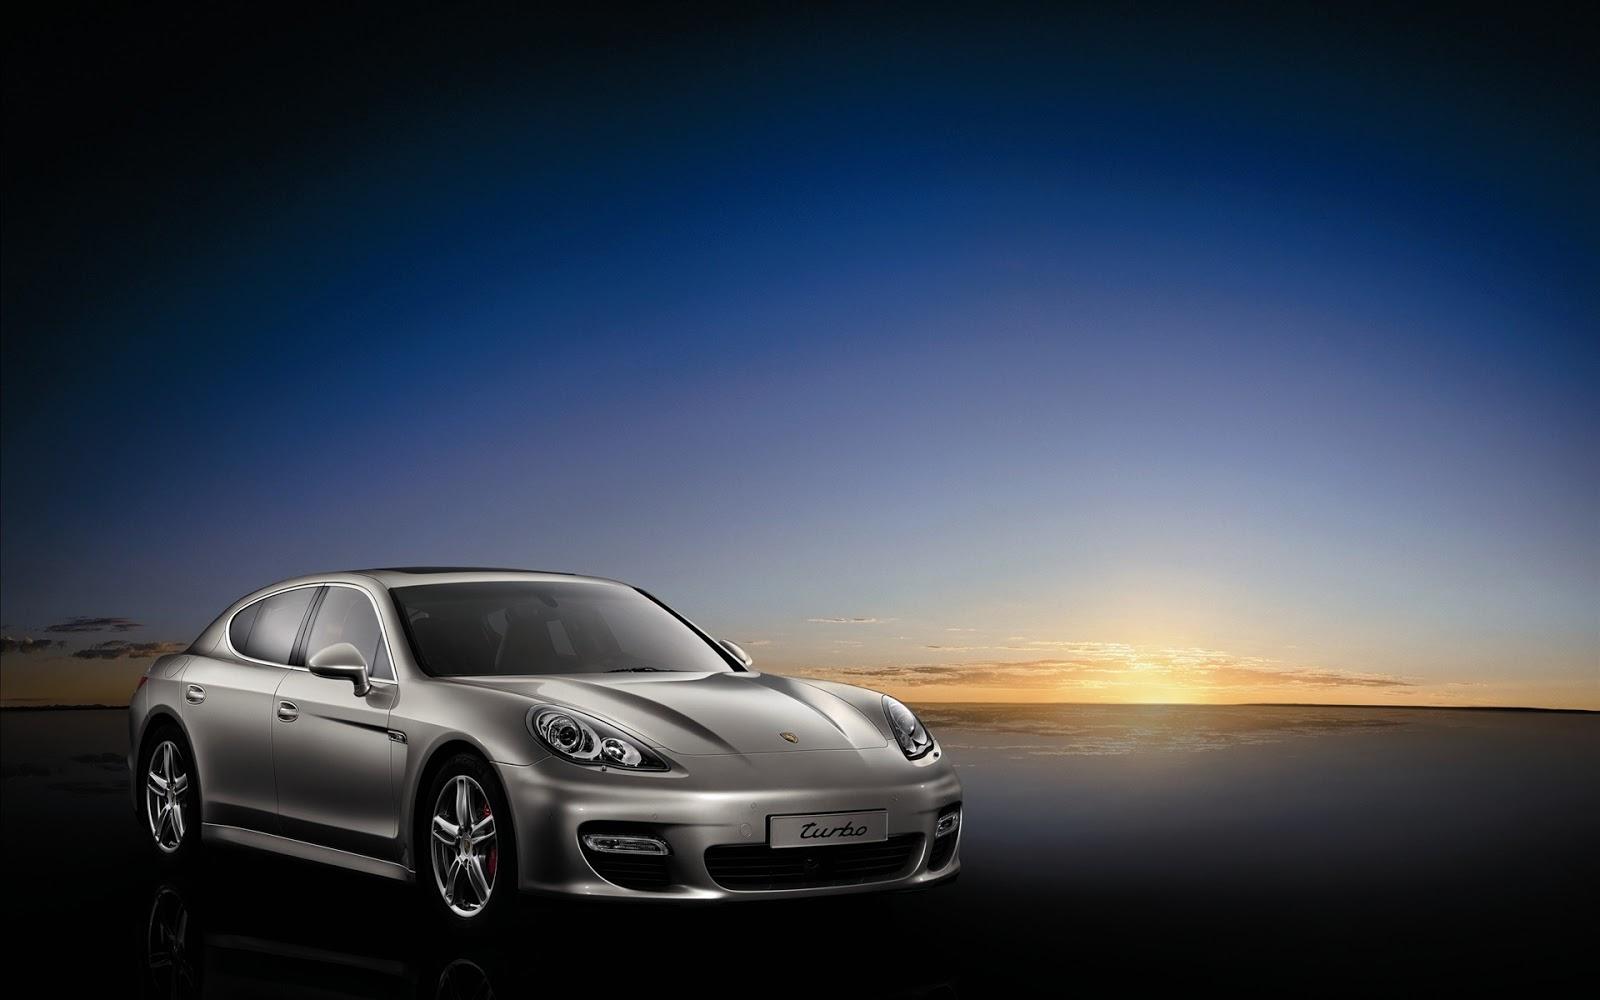 http://2.bp.blogspot.com/-bSCCqsuvDmE/USX71rM-QHI/AAAAAAAAAz0/oFjD3-JUaRY/s1600/Porsche+USA+Wallpaper.jpg